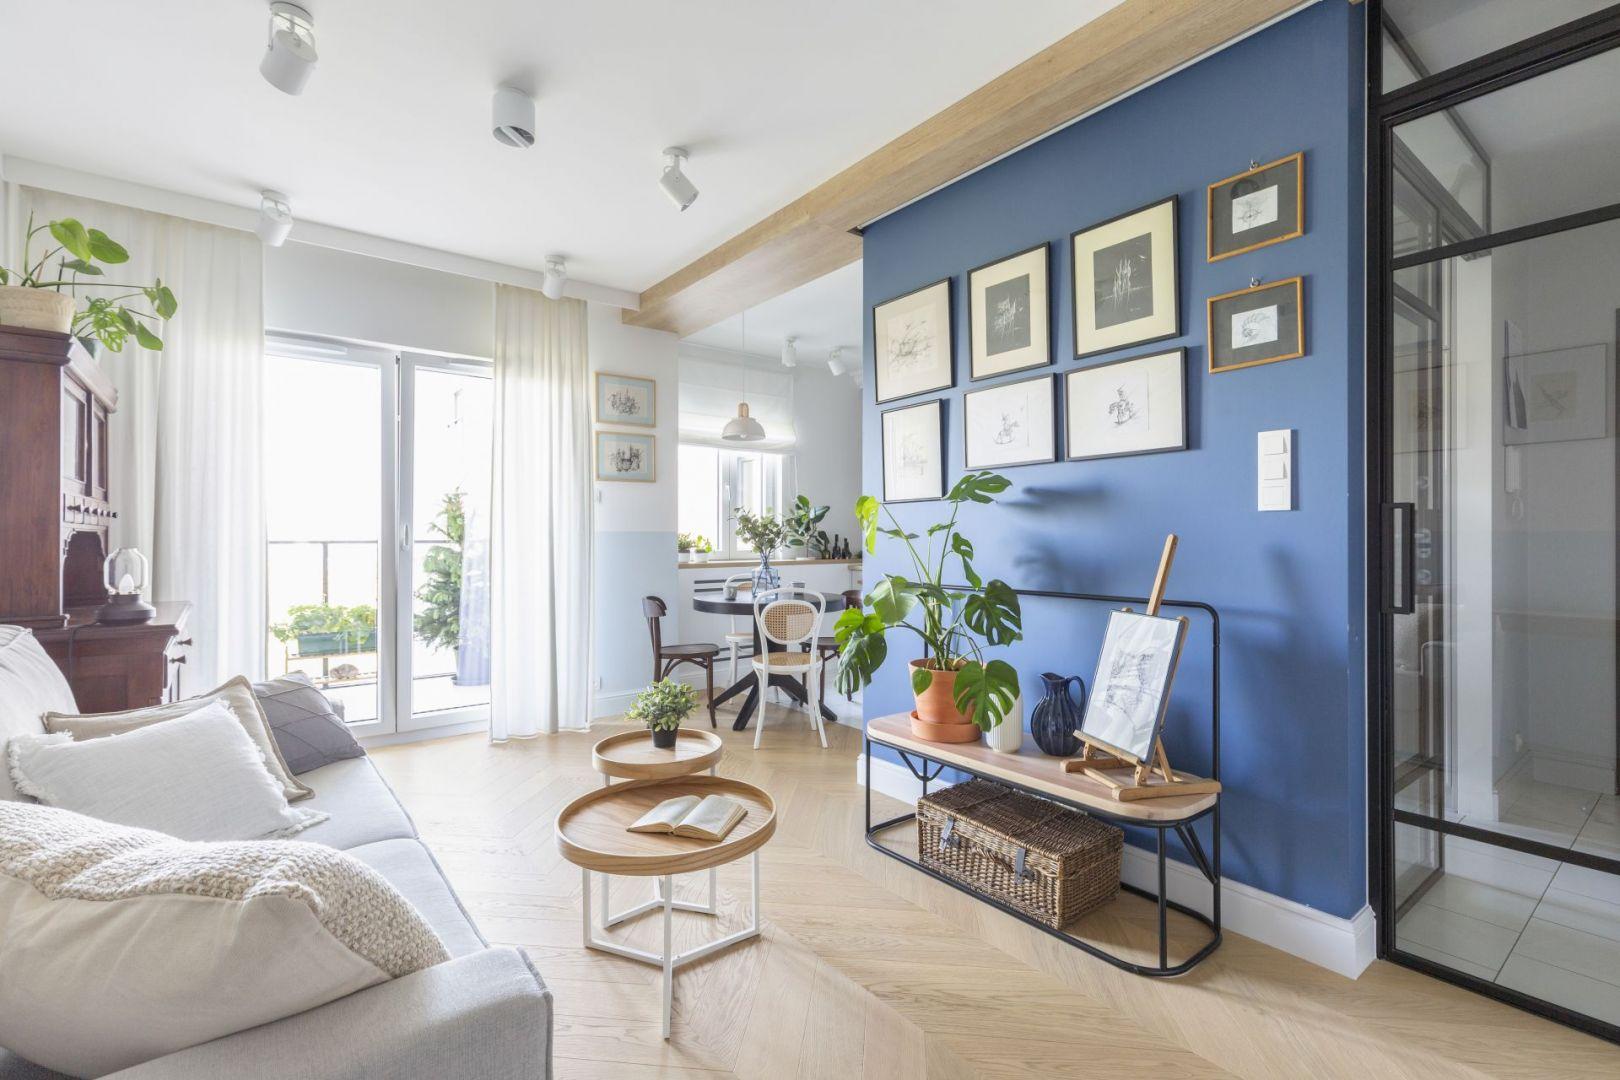 Zwróć uwagę, jak dane kolory oddziałują również na Twój nastrój, ponieważ będzie to bezpośrednio wpływało na Twój komfort przebywania w danym pomieszczeniu. Projekt Joanna Dziurkiewicz, Tworzywo studio. Fot. Pion Poziom